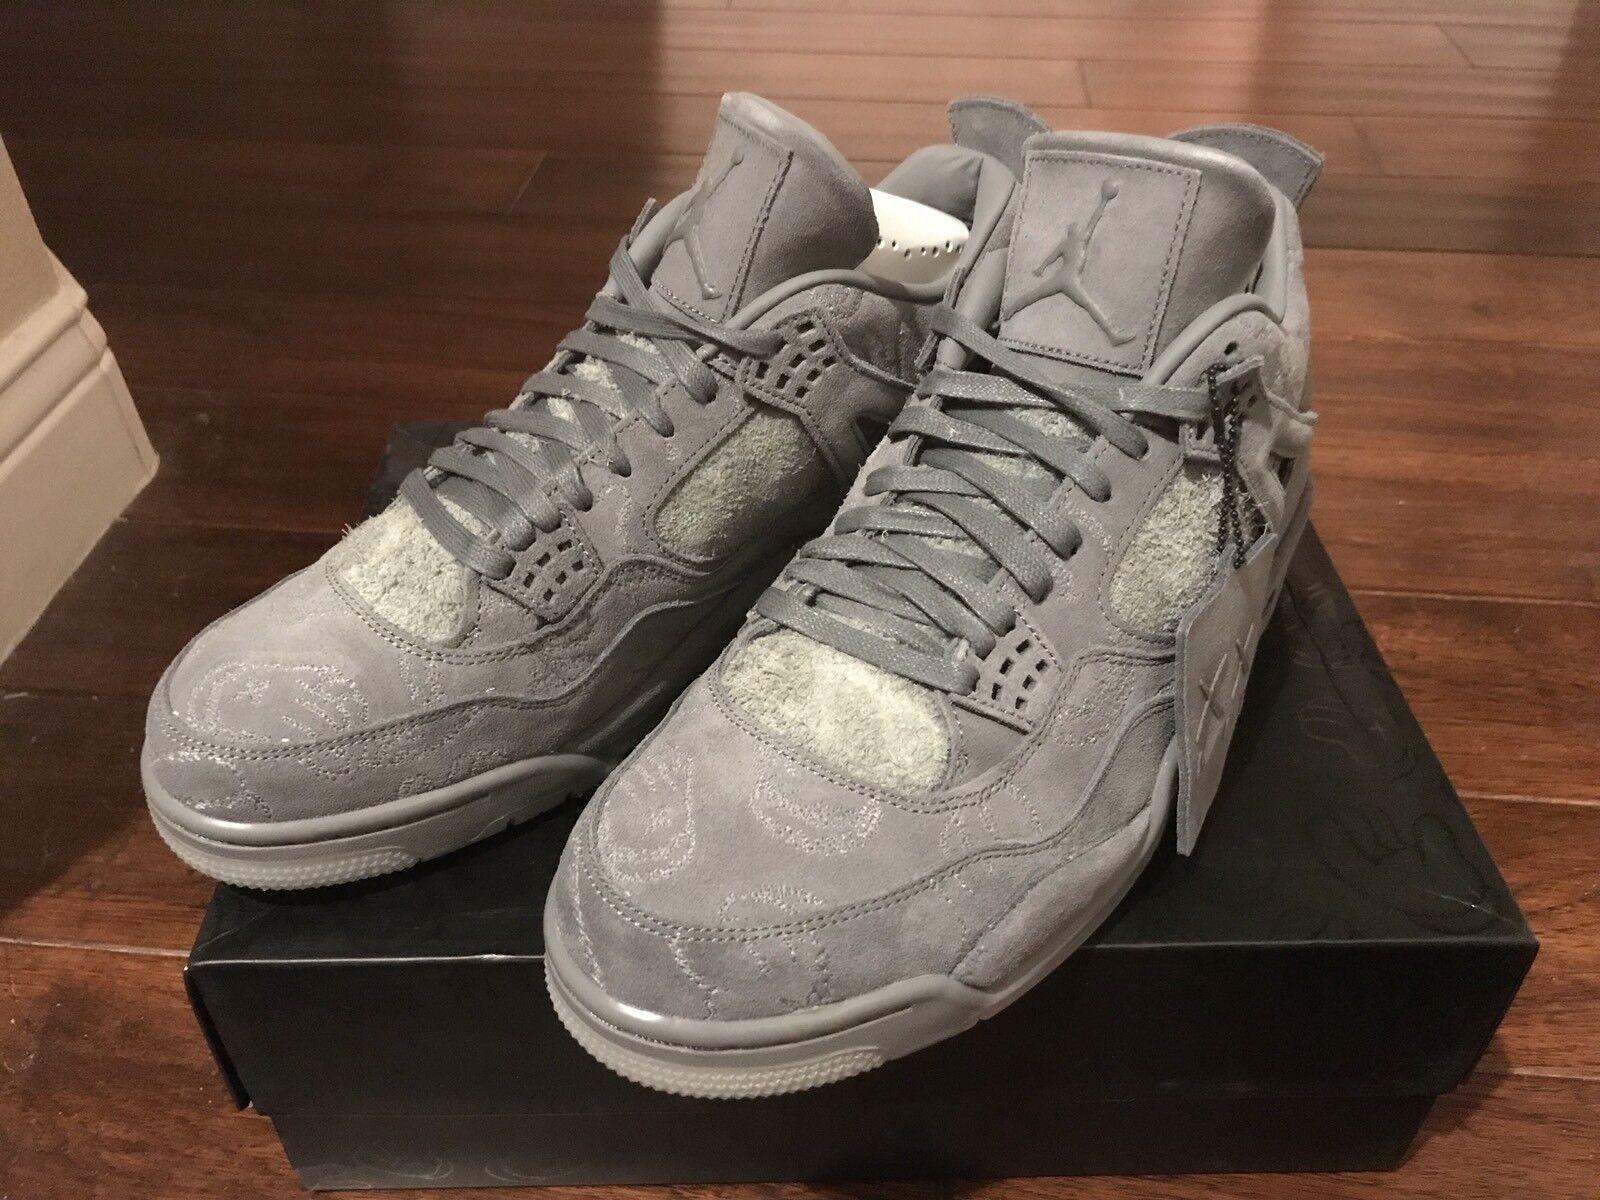 Nike Air Jordan 4 retro casual Kaws reduccion de precio casual retro salvaje IV bc9752